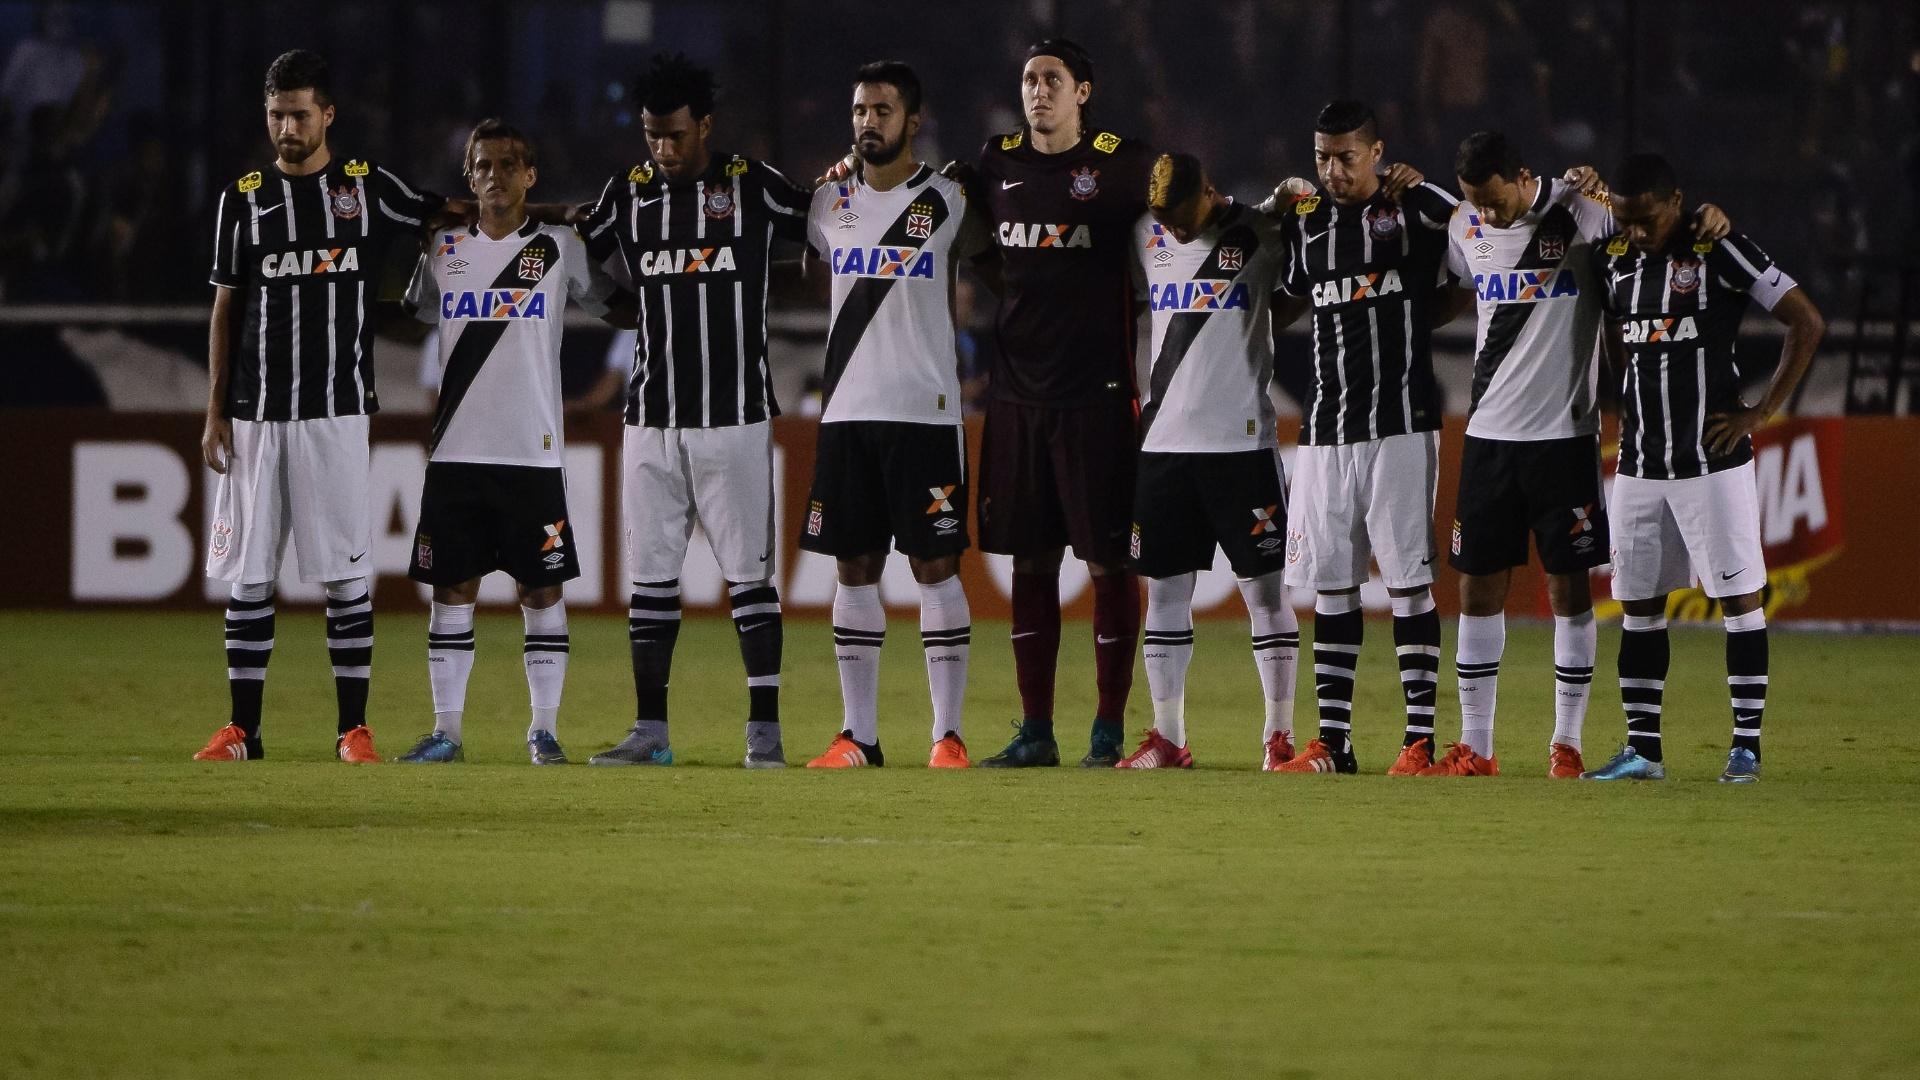 Jogadores de Vasco e Corinthians posam juntos antes do início da partida